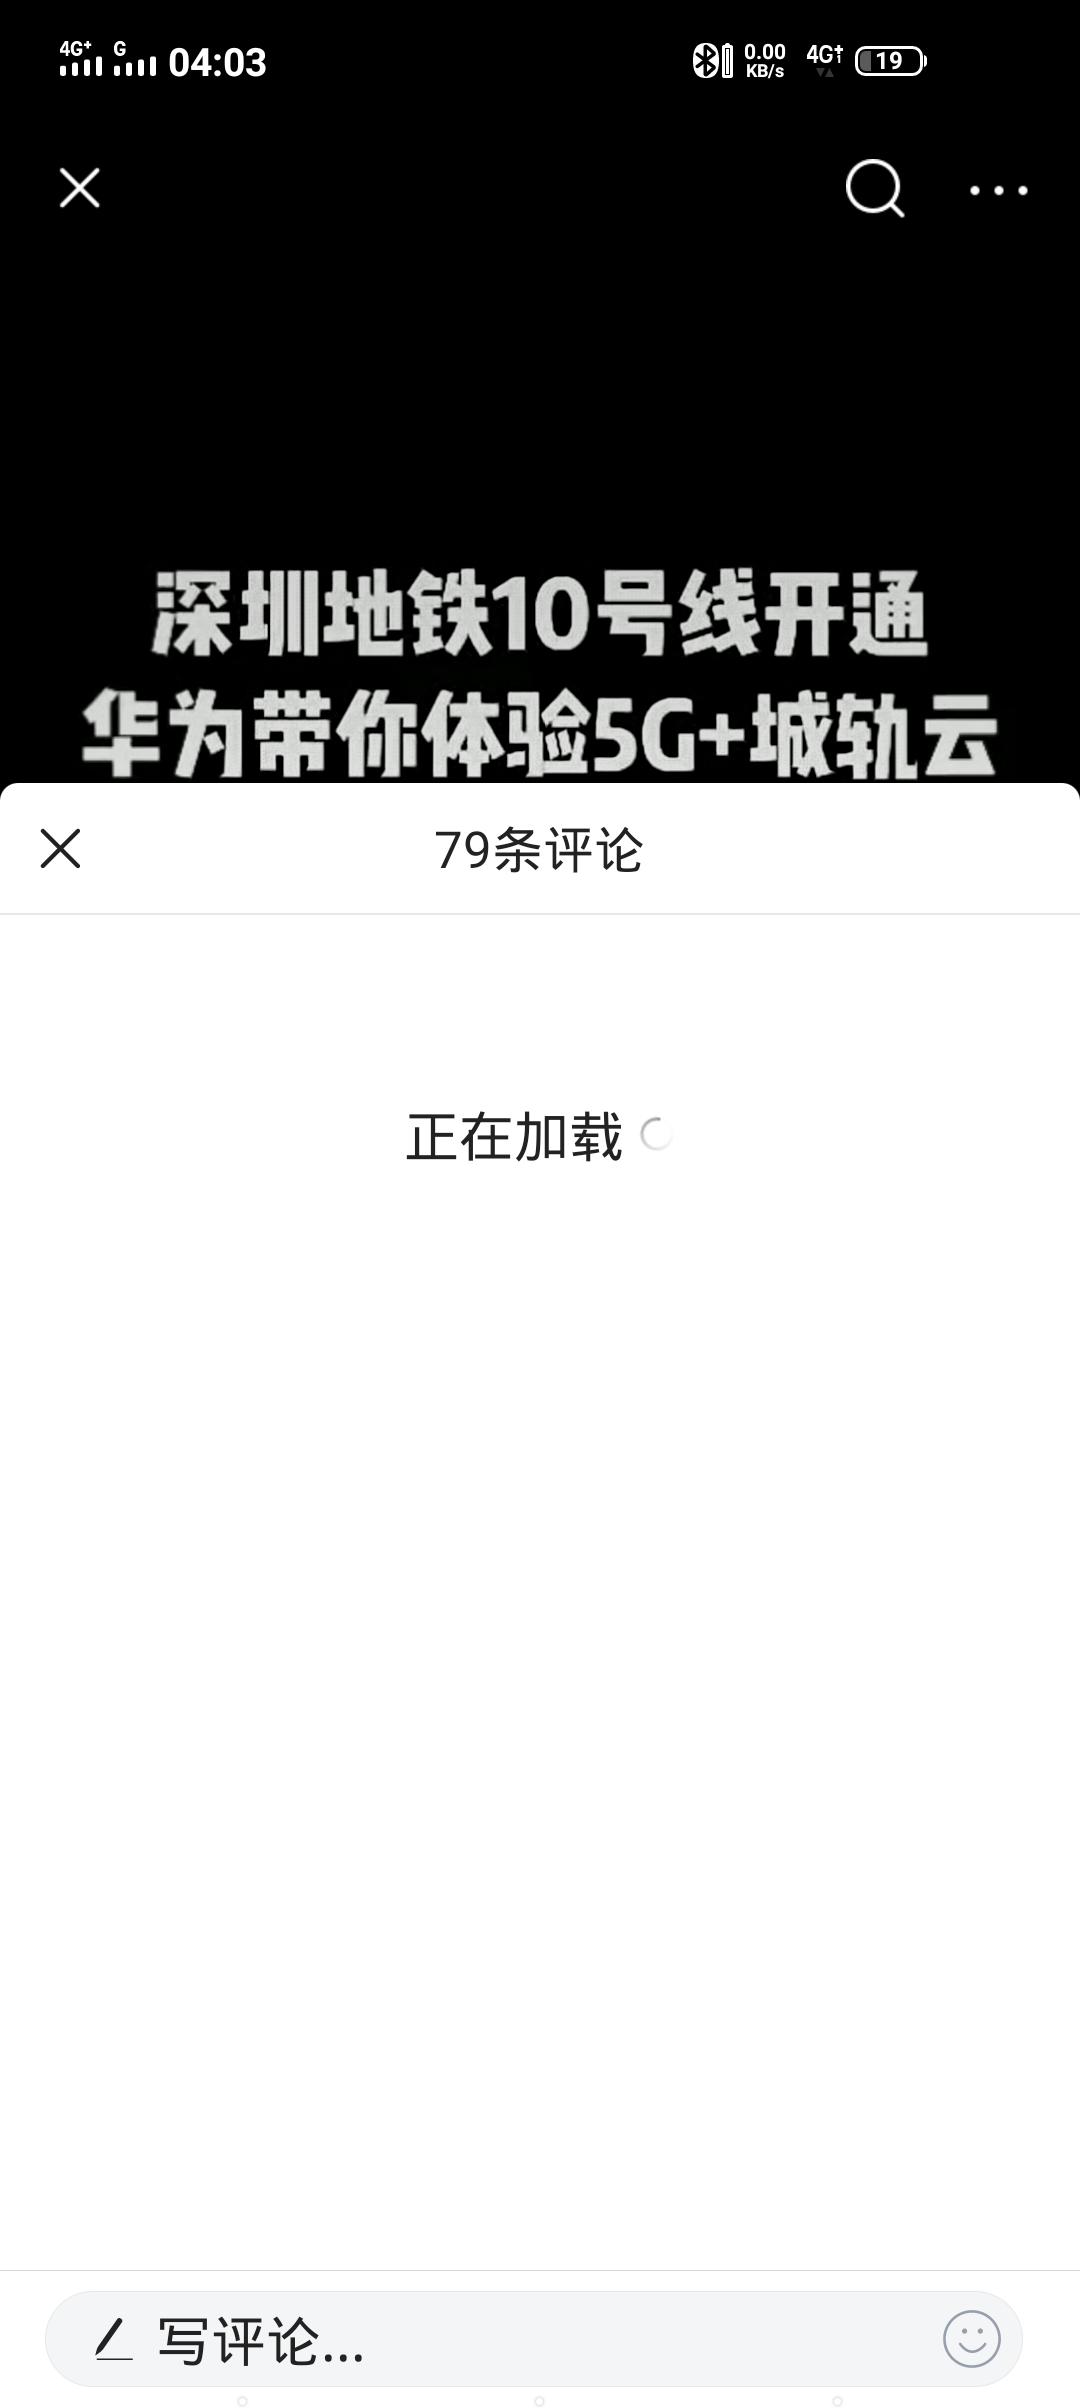 Screenshot_20200820_040313.jpg